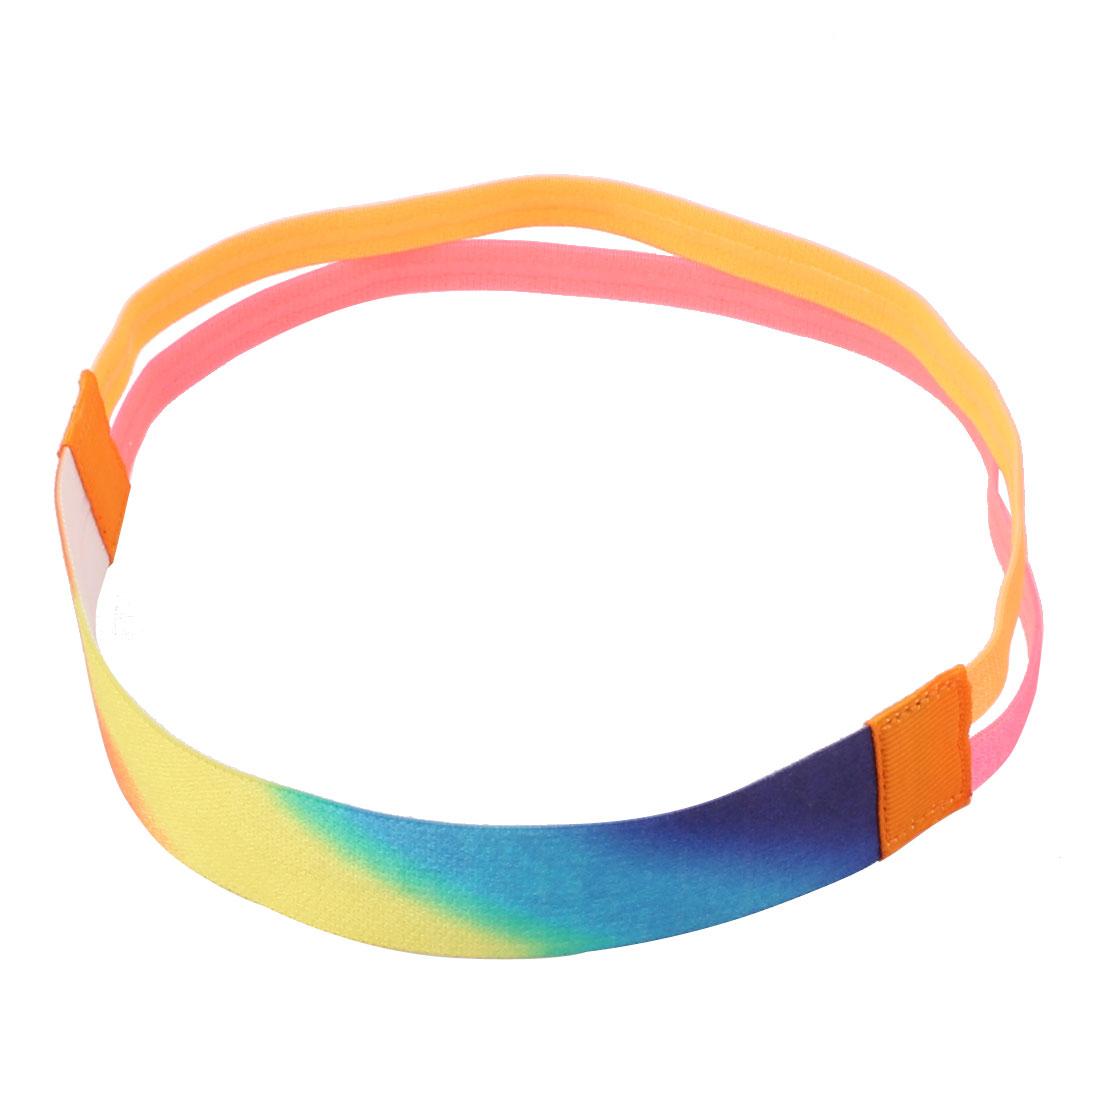 Yoga Silicone Double Line Design Non-slip Sports Headband Headwrap Pink Orange